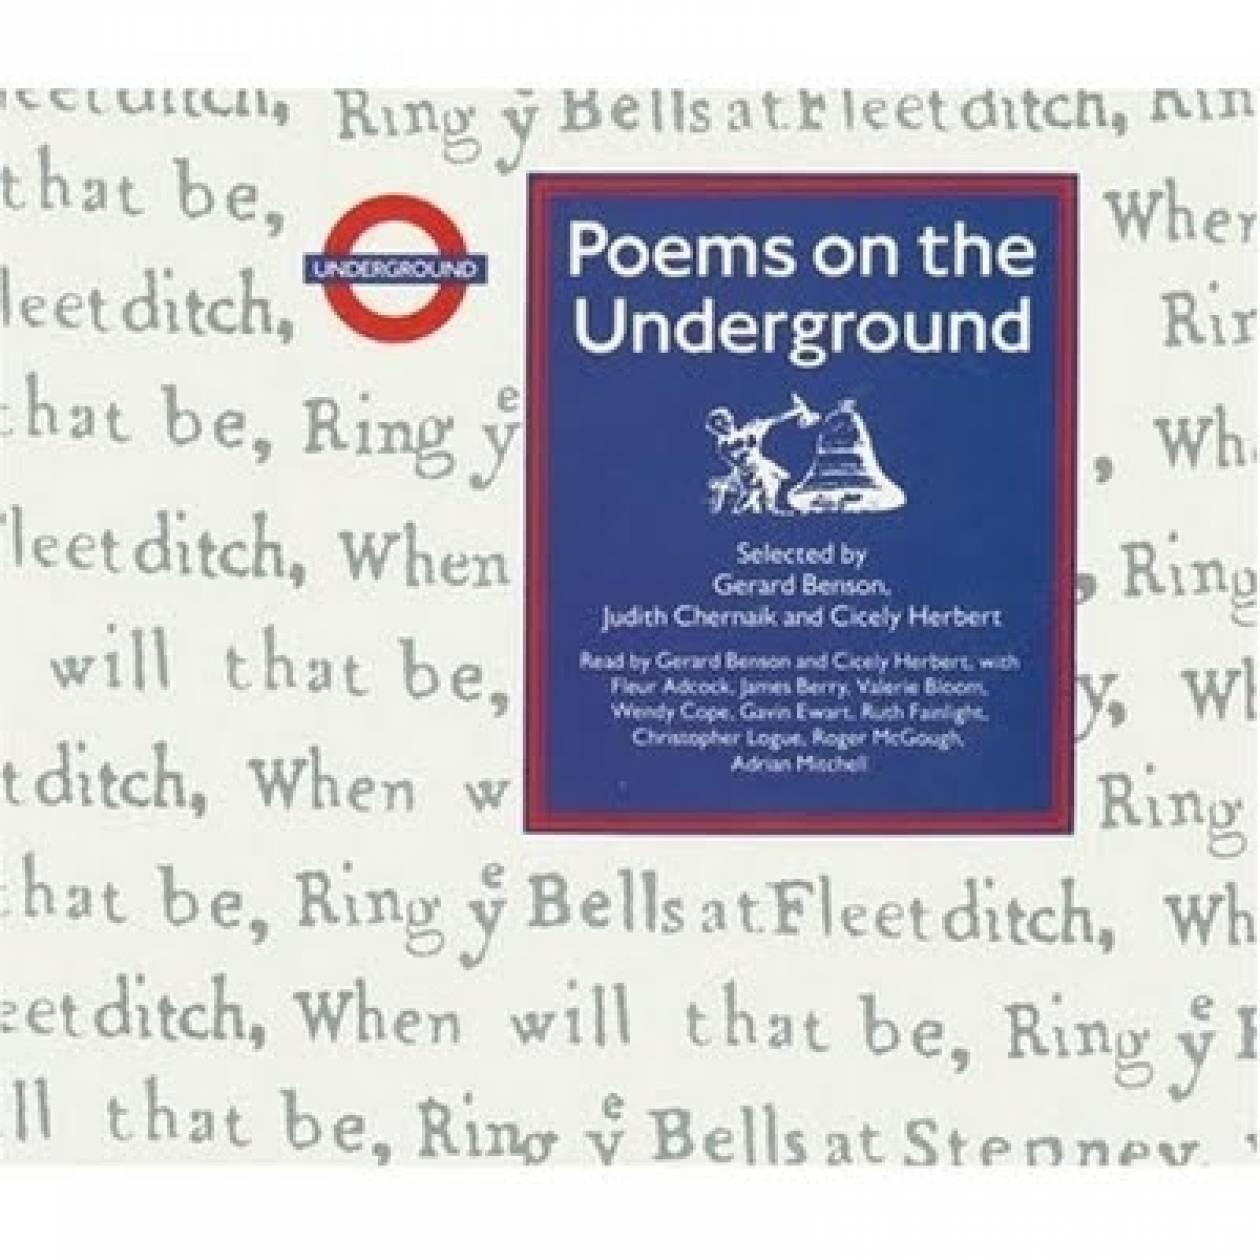 Βρετανία: Ελληνικοί στίχοι στο μετρό του Λονδίνου